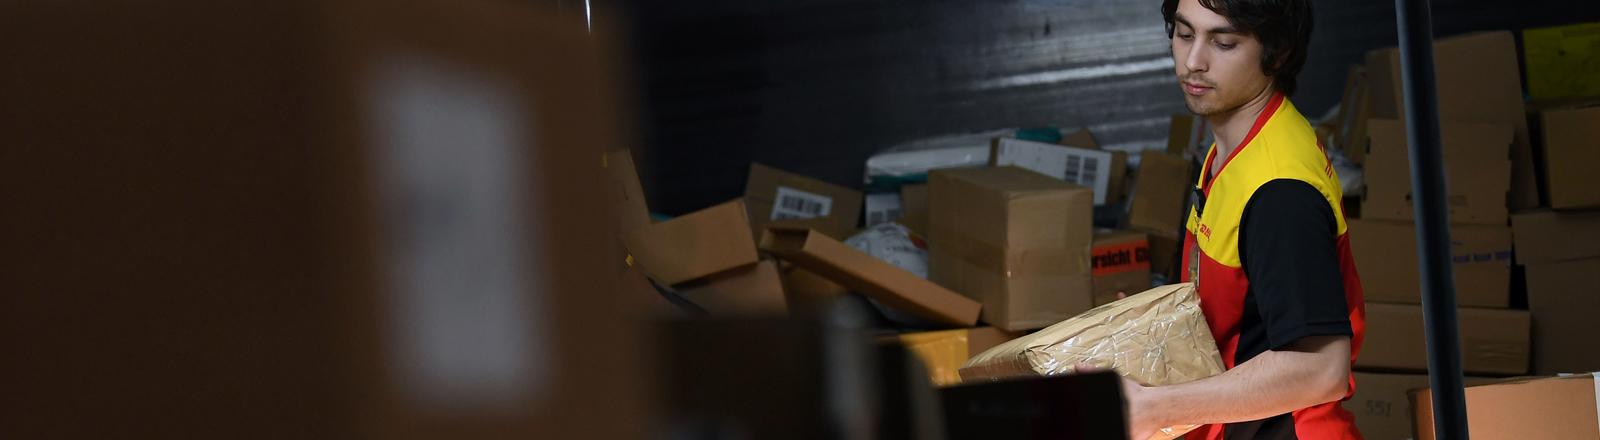 Paketbote beim Sortieren von Paketen